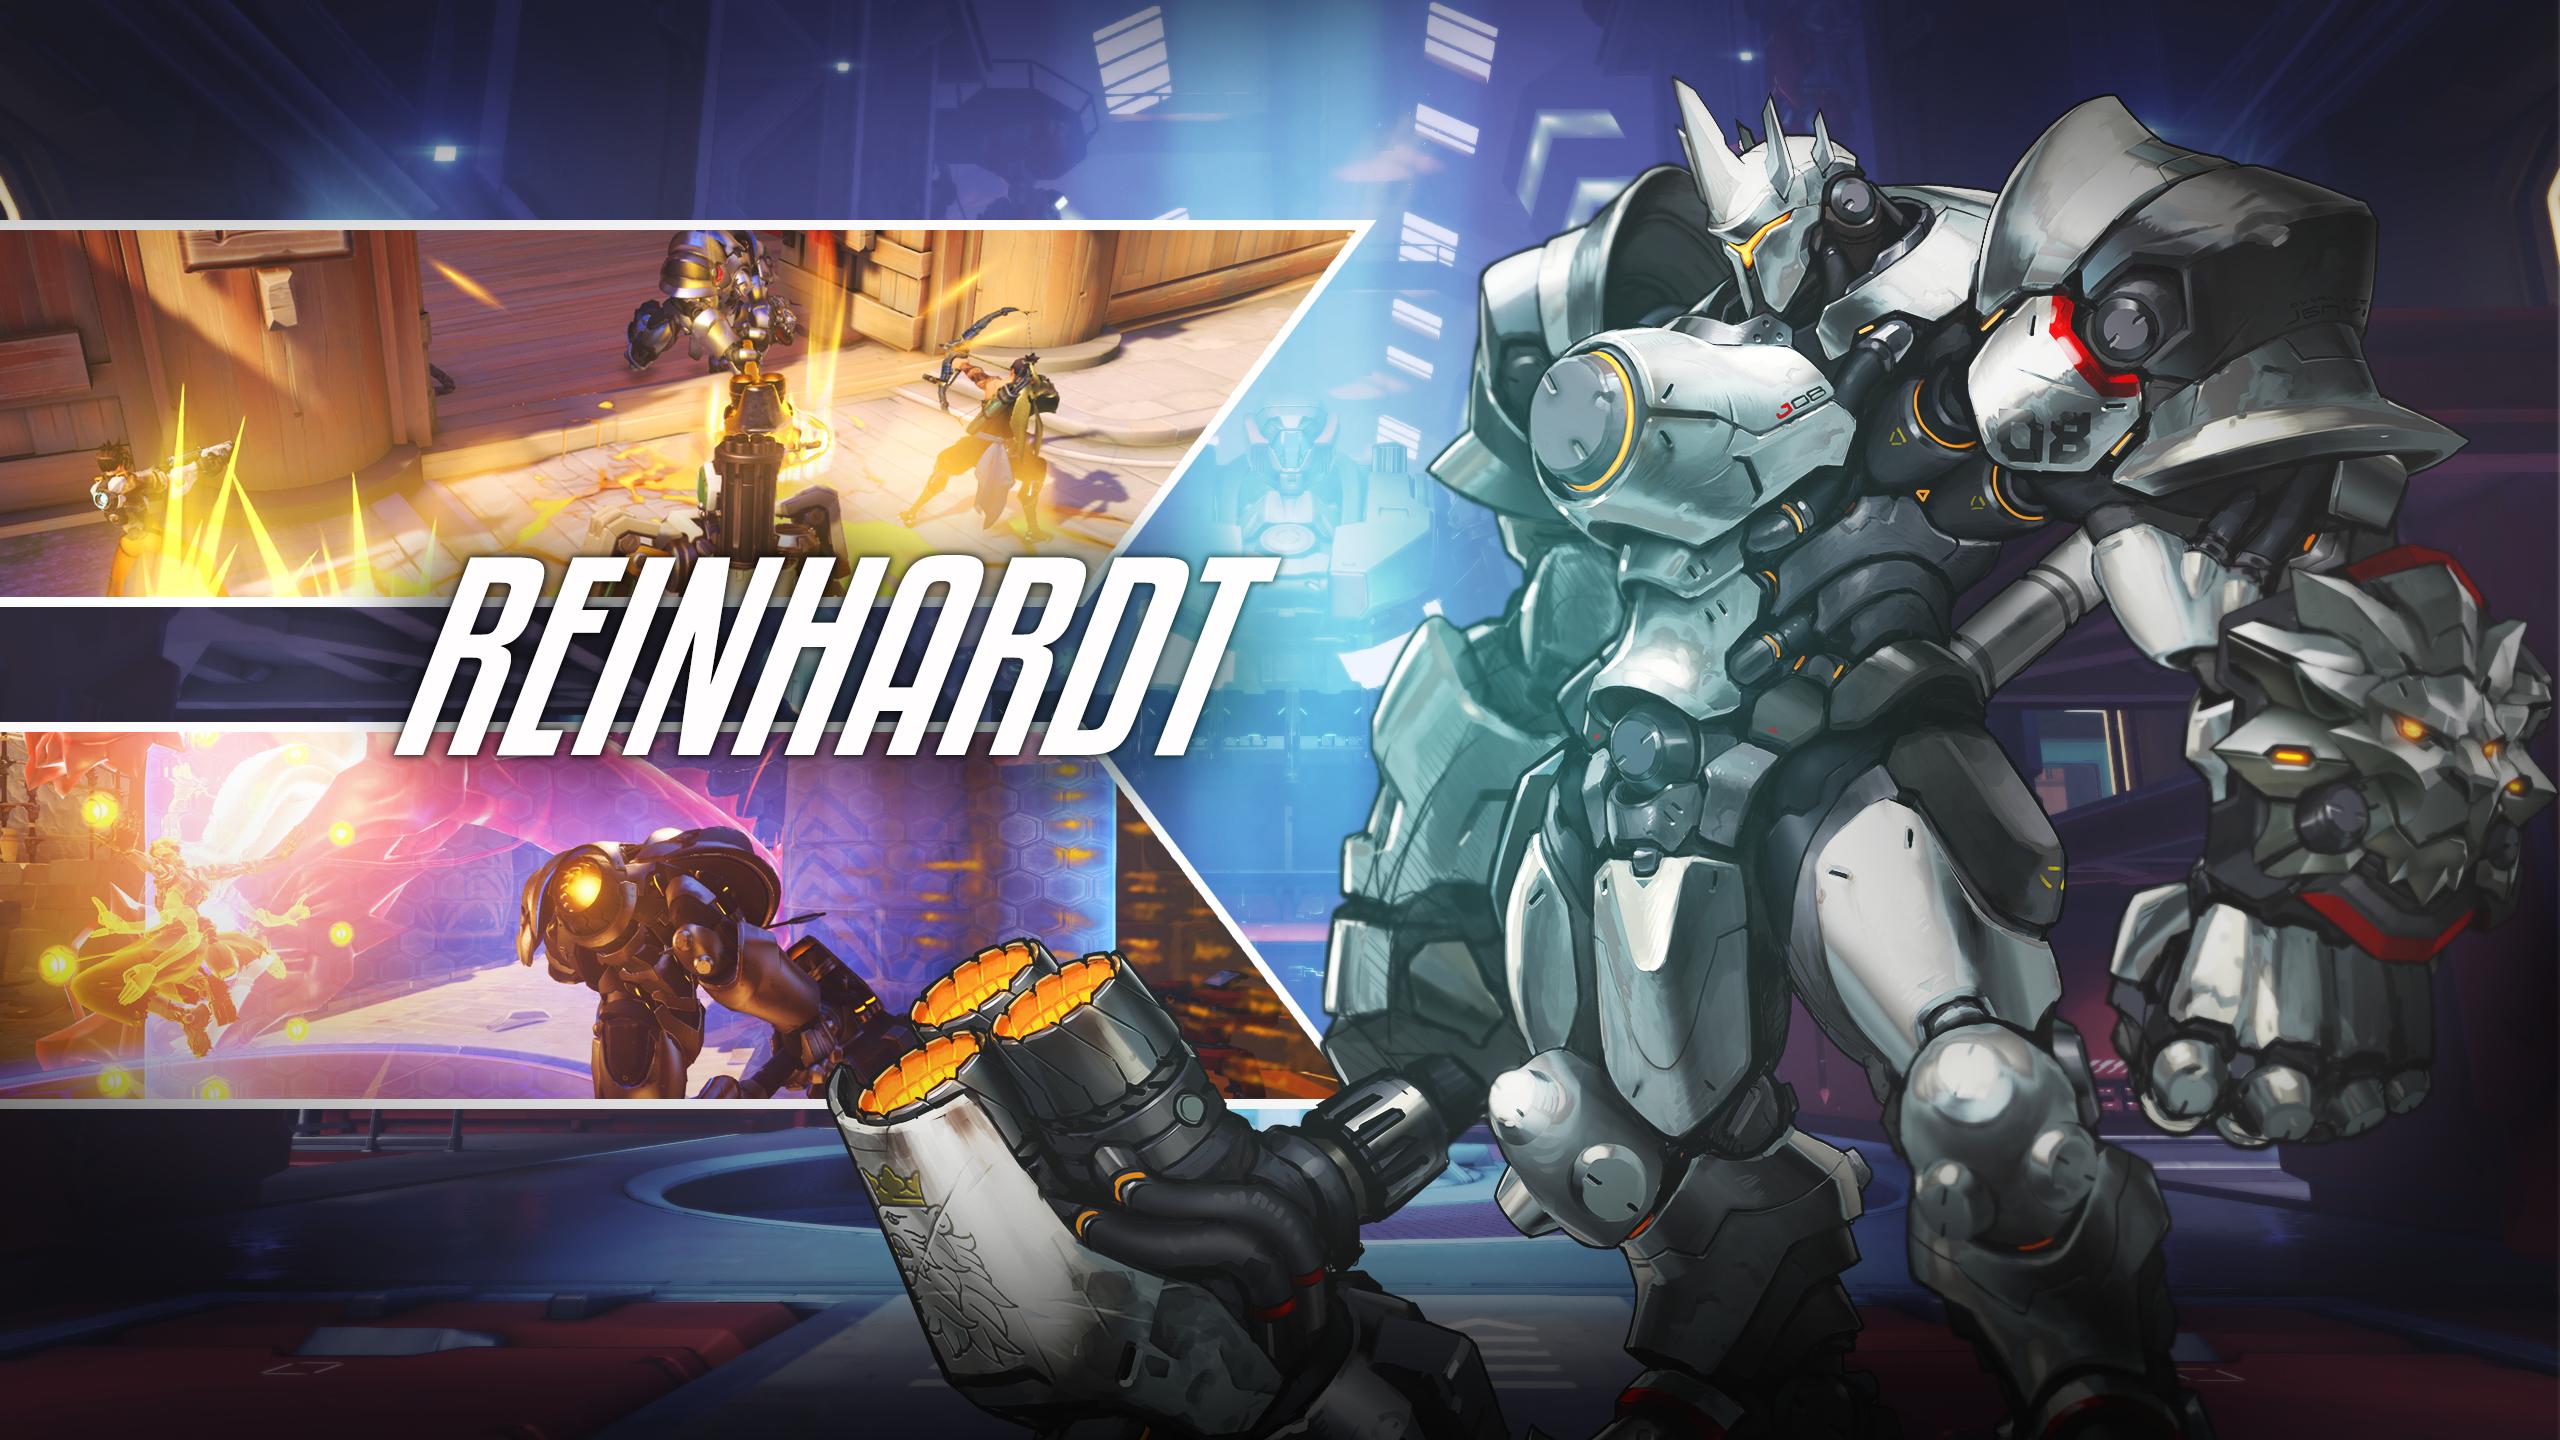 59 Reinhardt Overwatch Hd Wallpapers Backgrounds